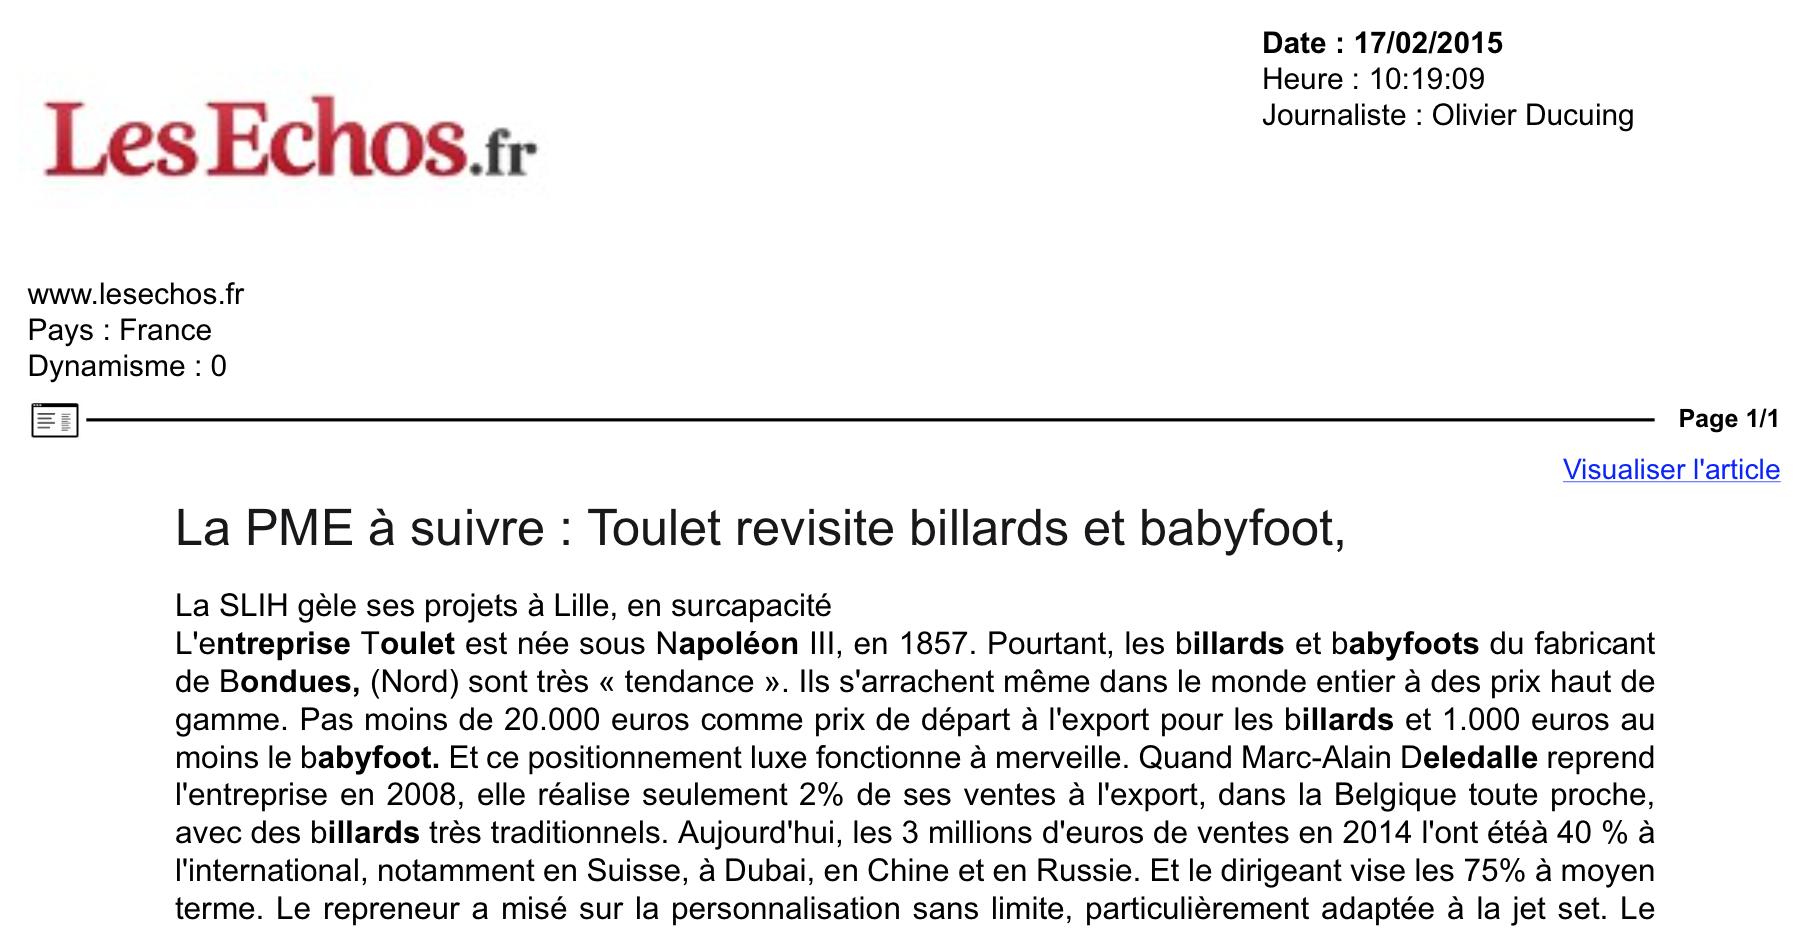 84c93e8ceffbe2 Debuchy by Toulet revisite les baby-foot - Les Echos - Février 2015